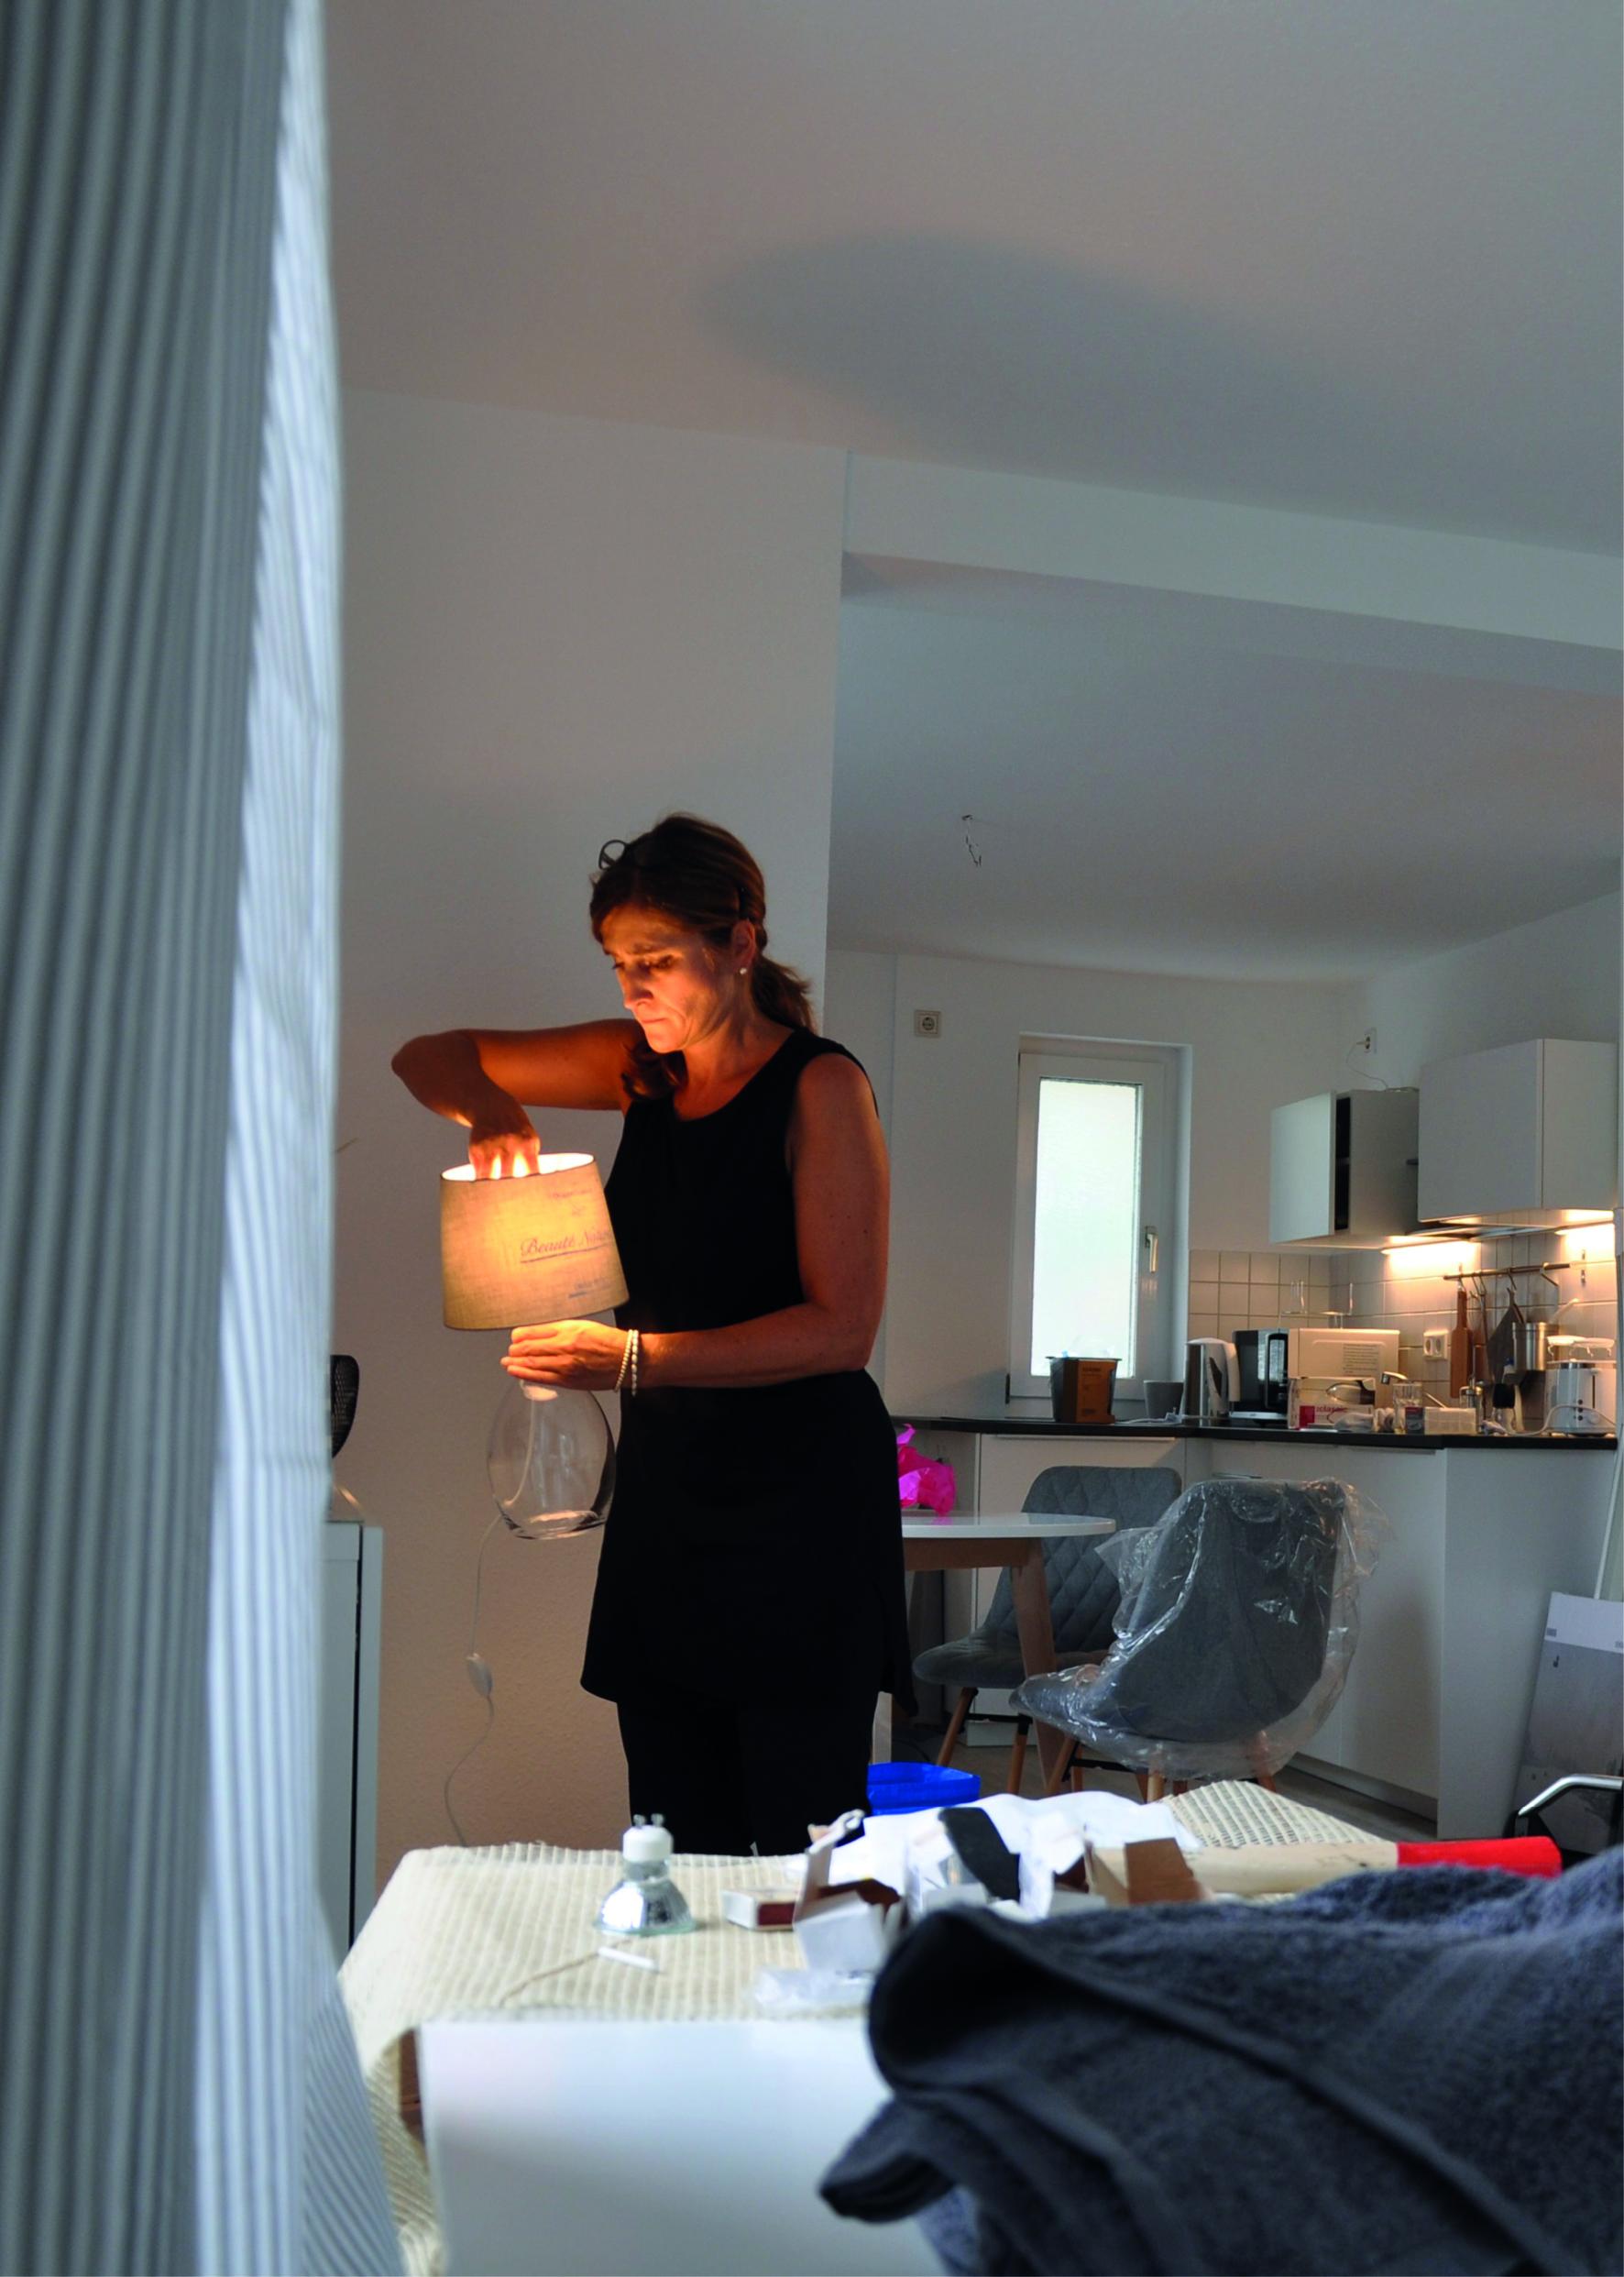 Frau stellt eine Lampe in eine Küche (Home Stager)